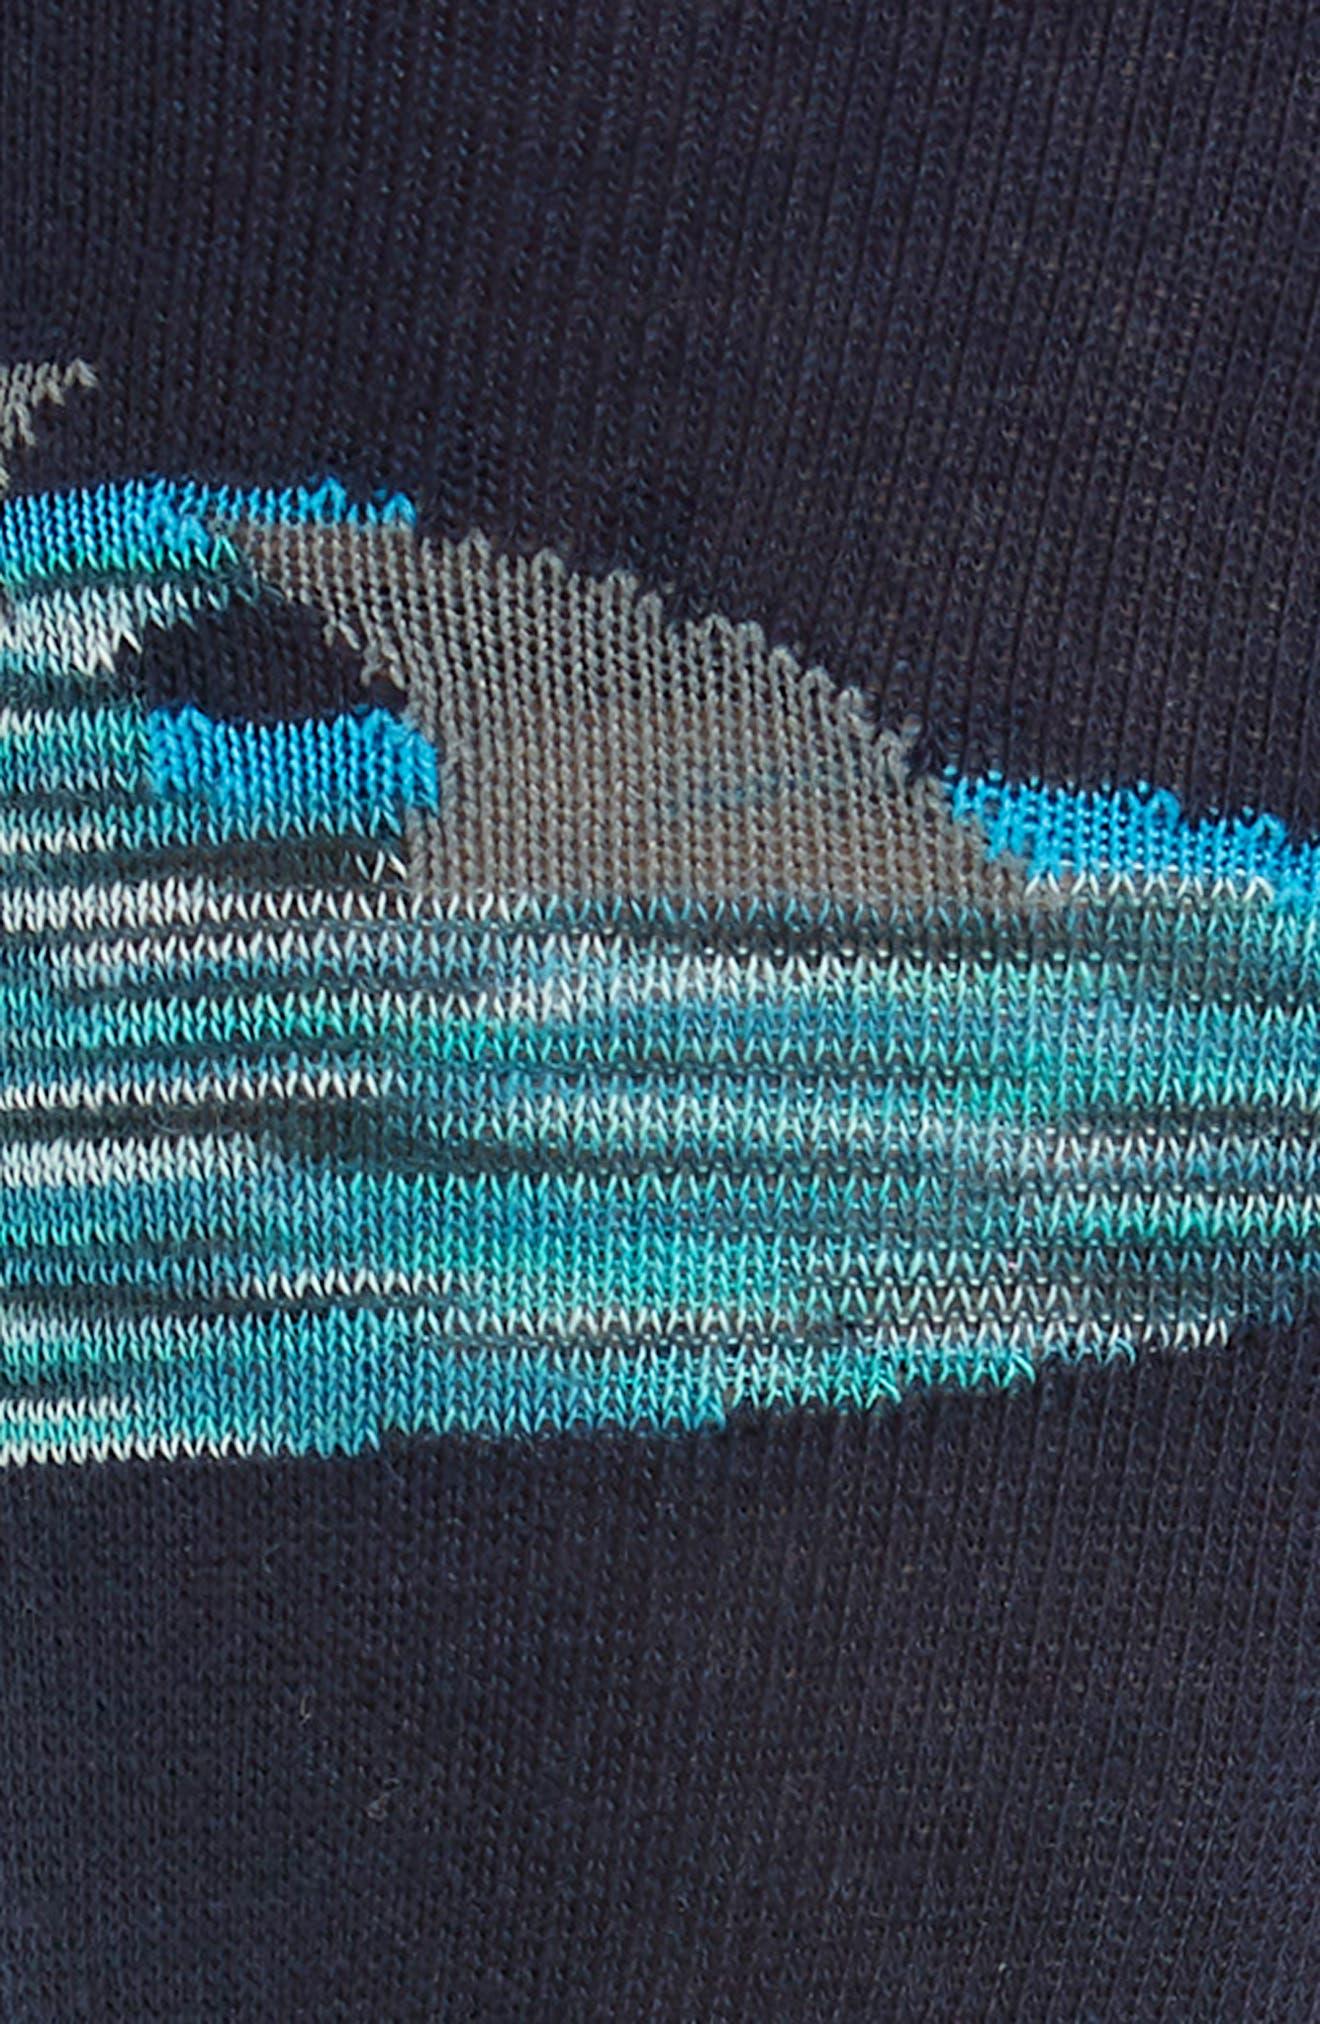 Sharks Crew Socks,                             Alternate thumbnail 2, color,